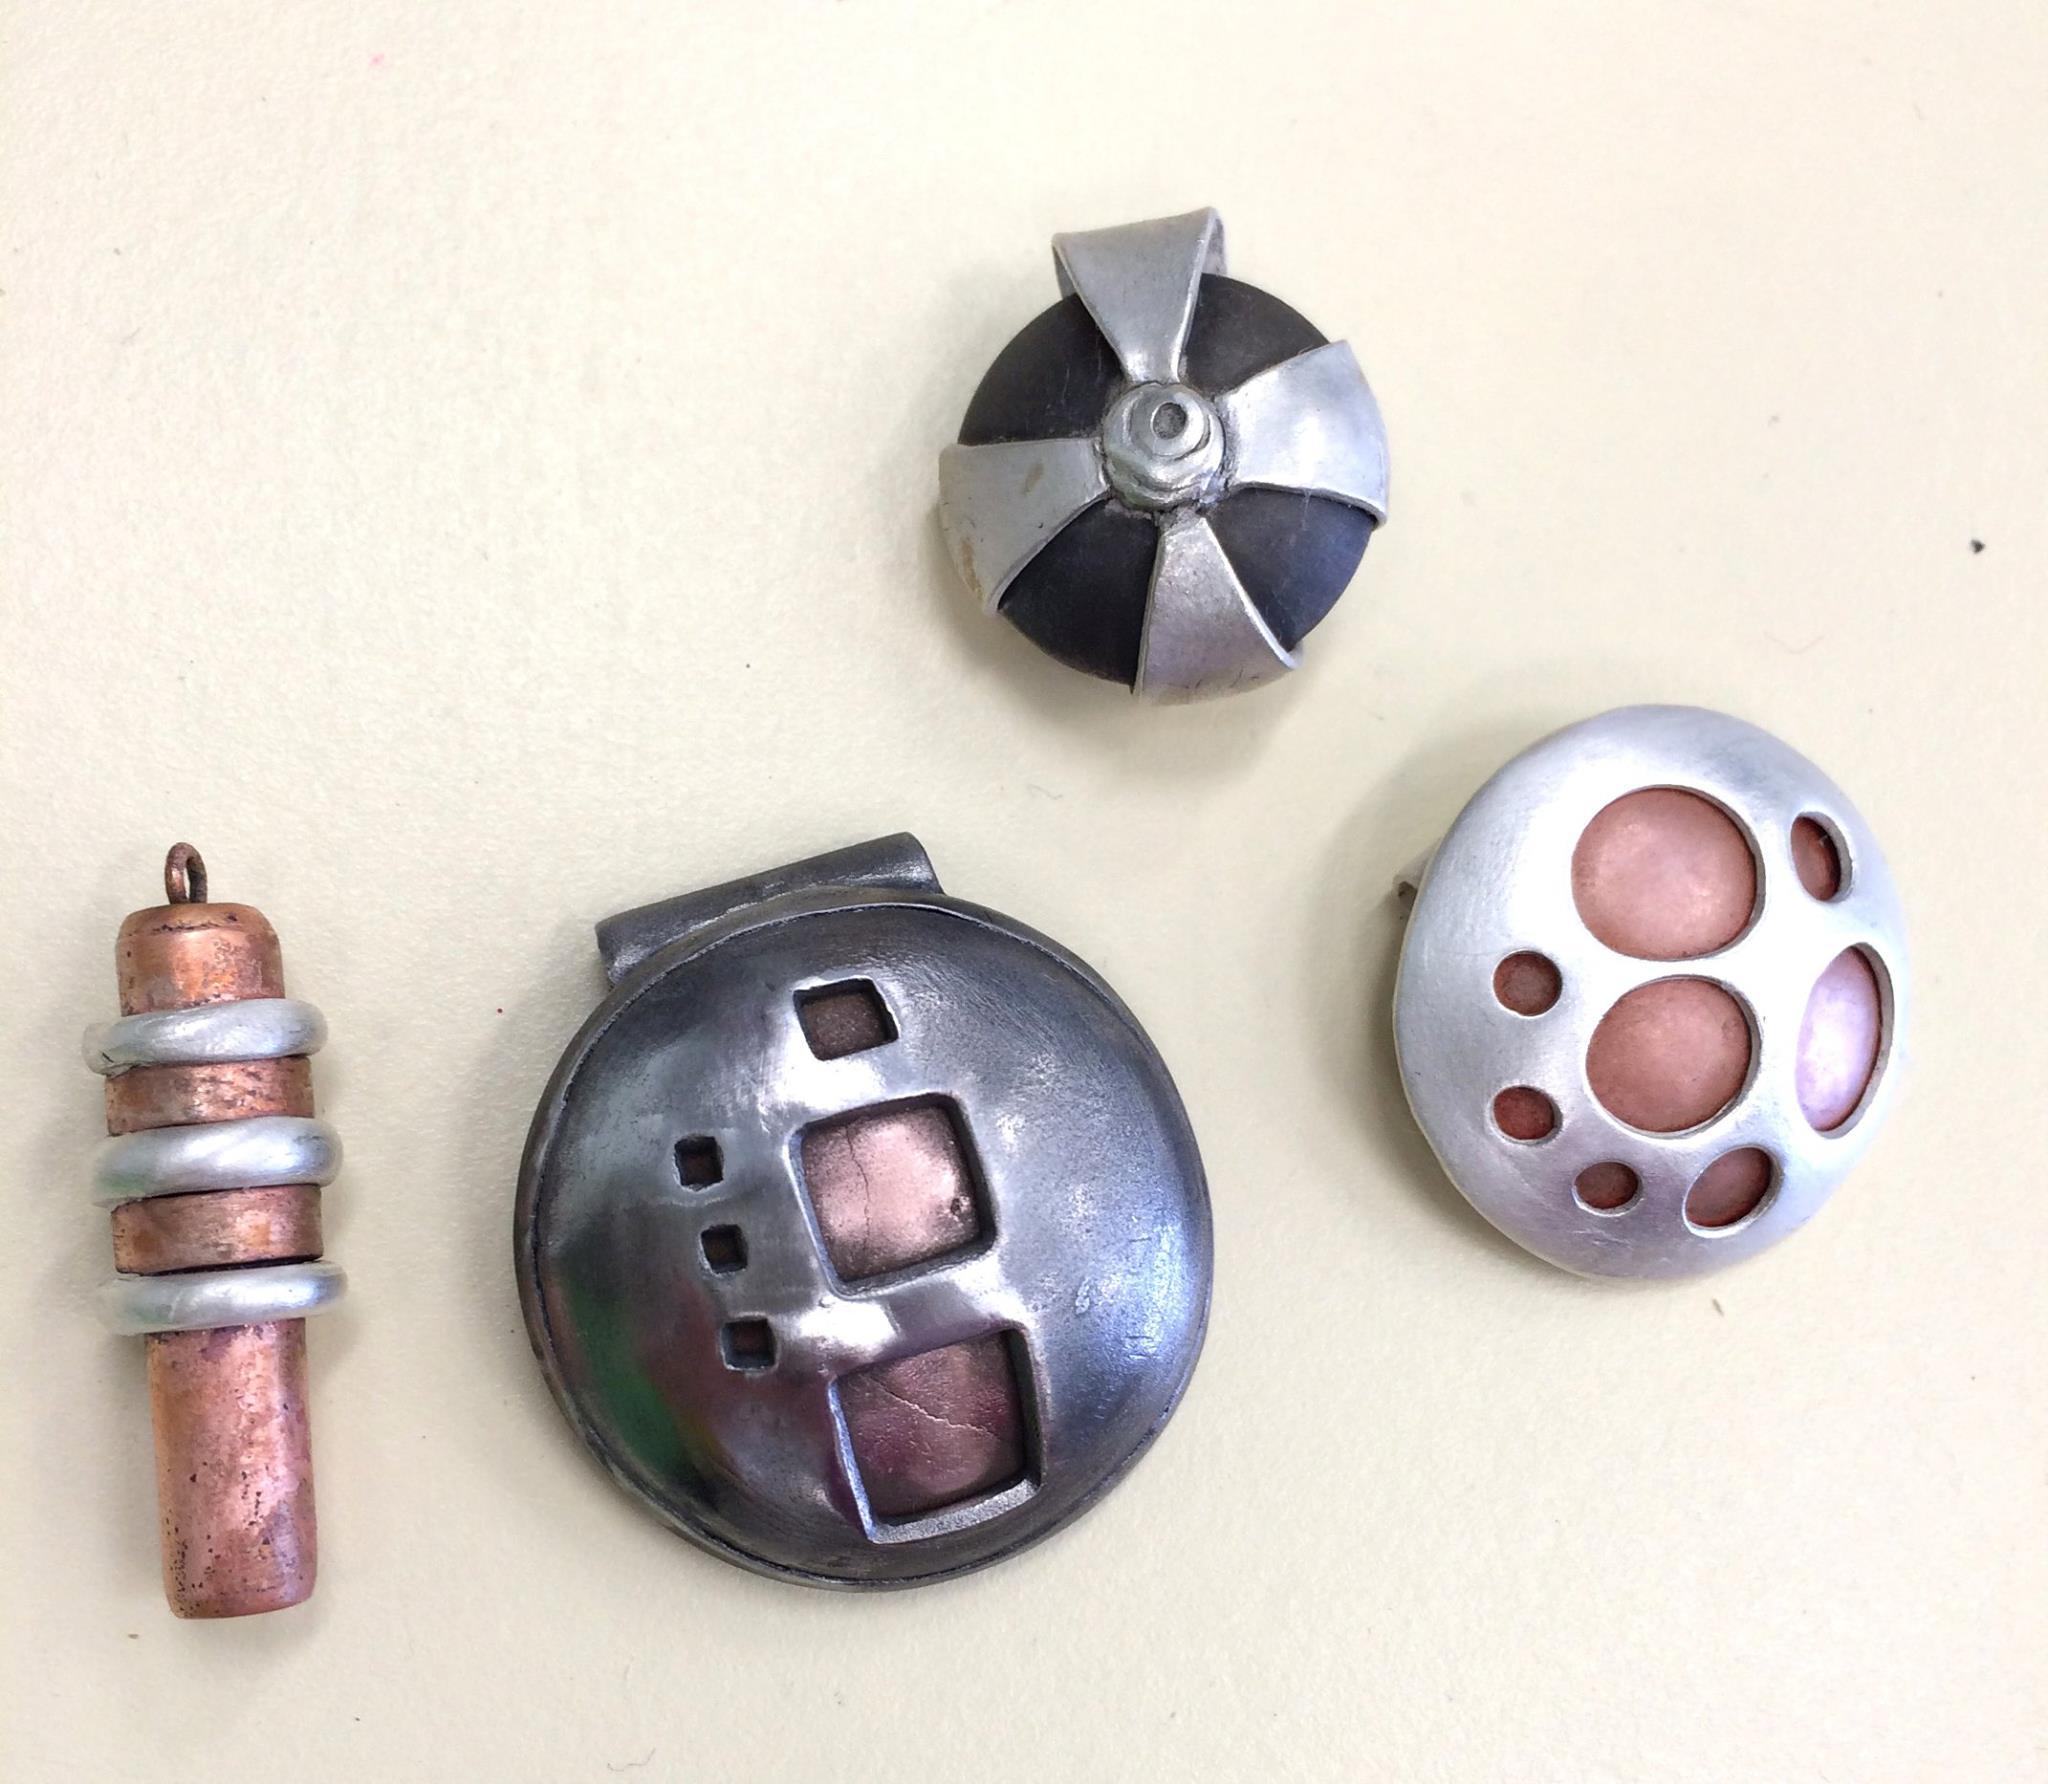 Precious Metal Clay Workshop